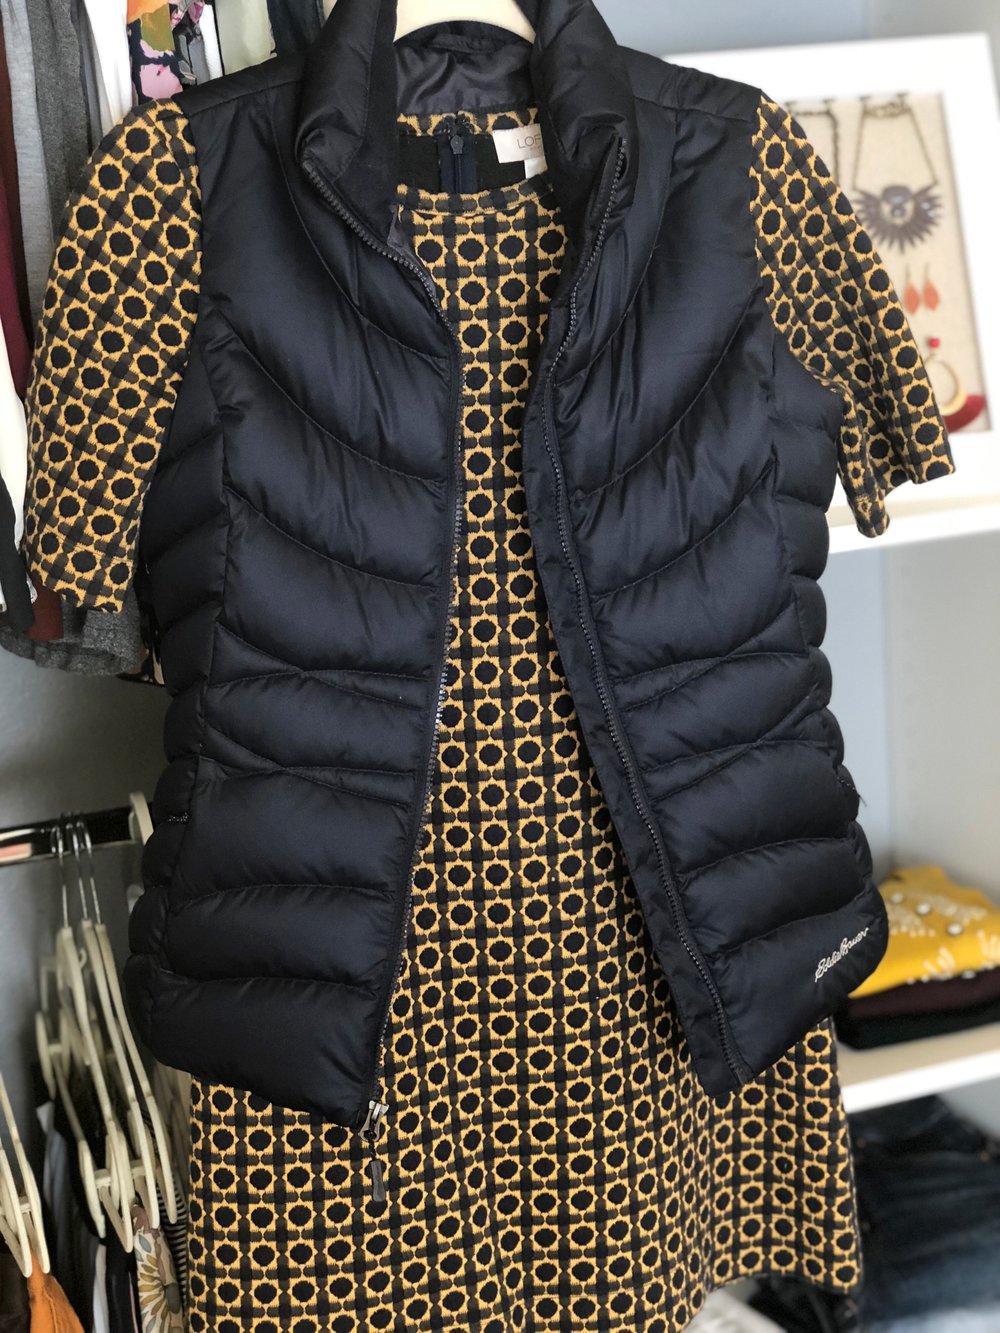 The Style Shop by Sandi Mele - Six Ways to Style a Vest